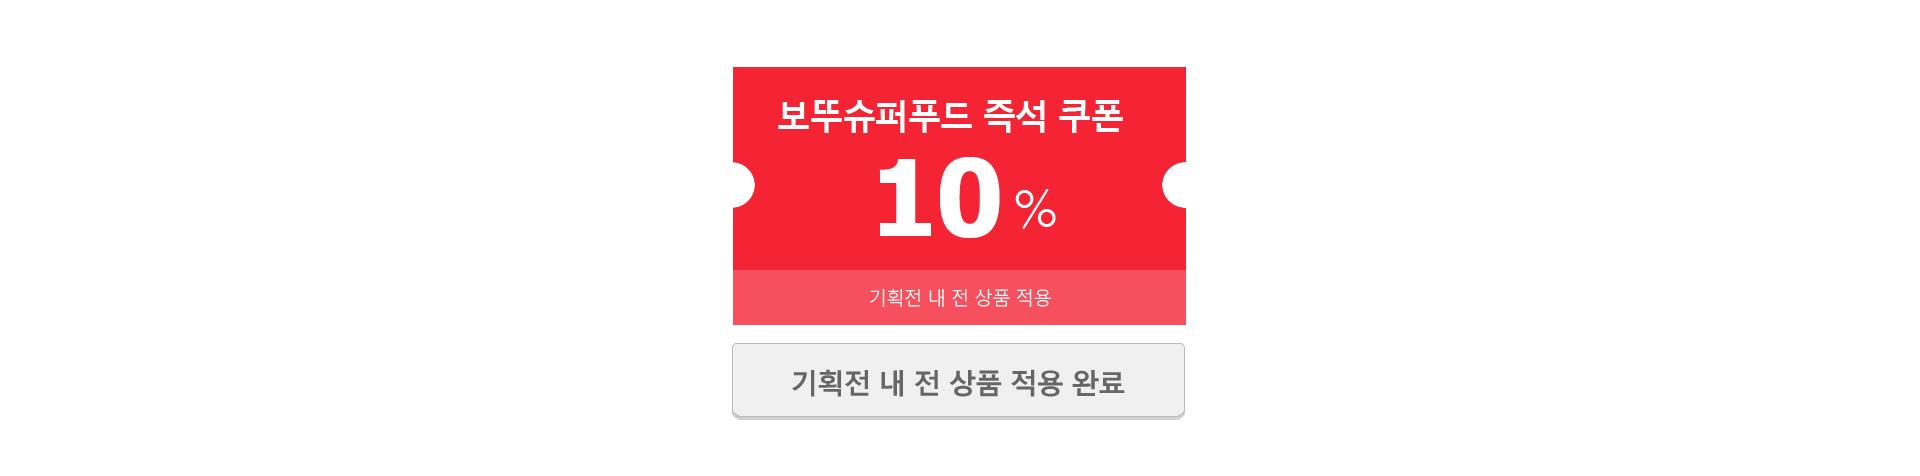 보뚜슈퍼푸드 즉석쿠폰 10% 기획전 내 전 상품 적용 완료